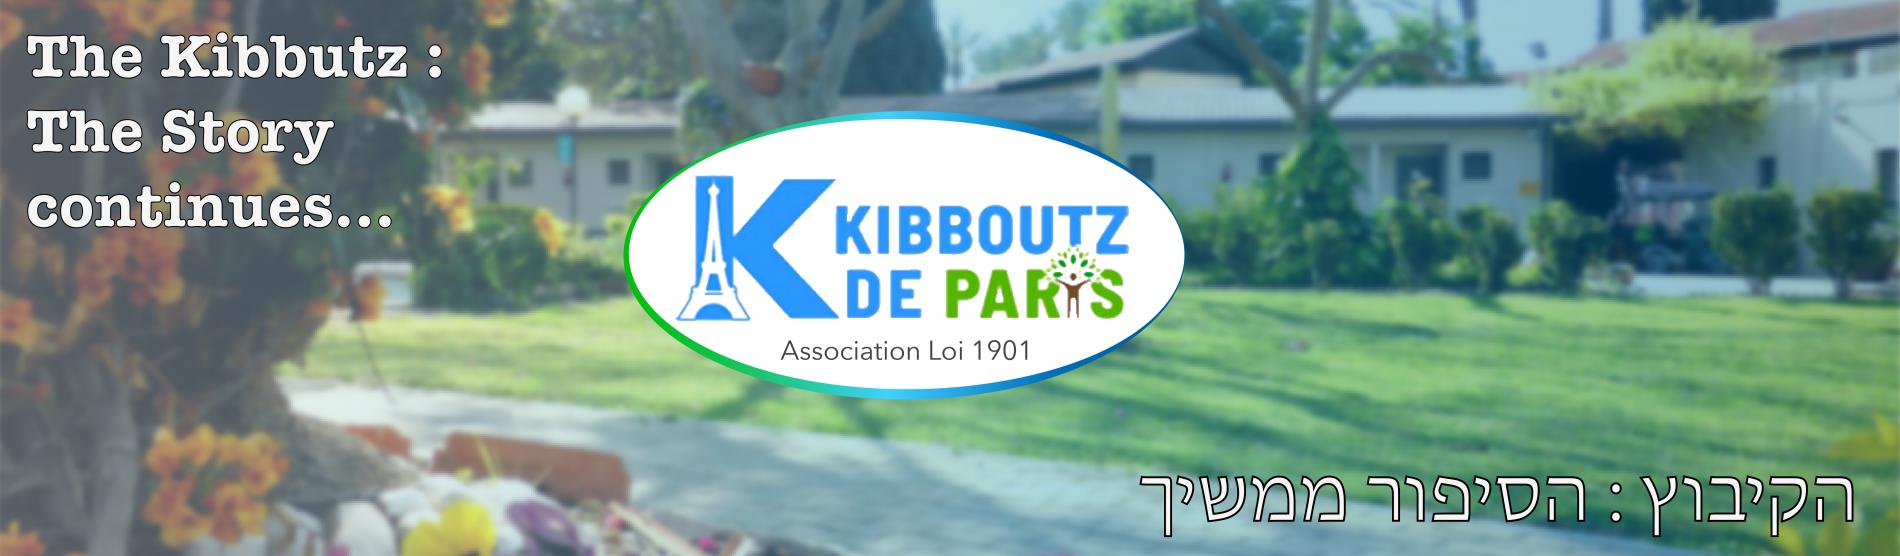 Le Kibboutz de Paris